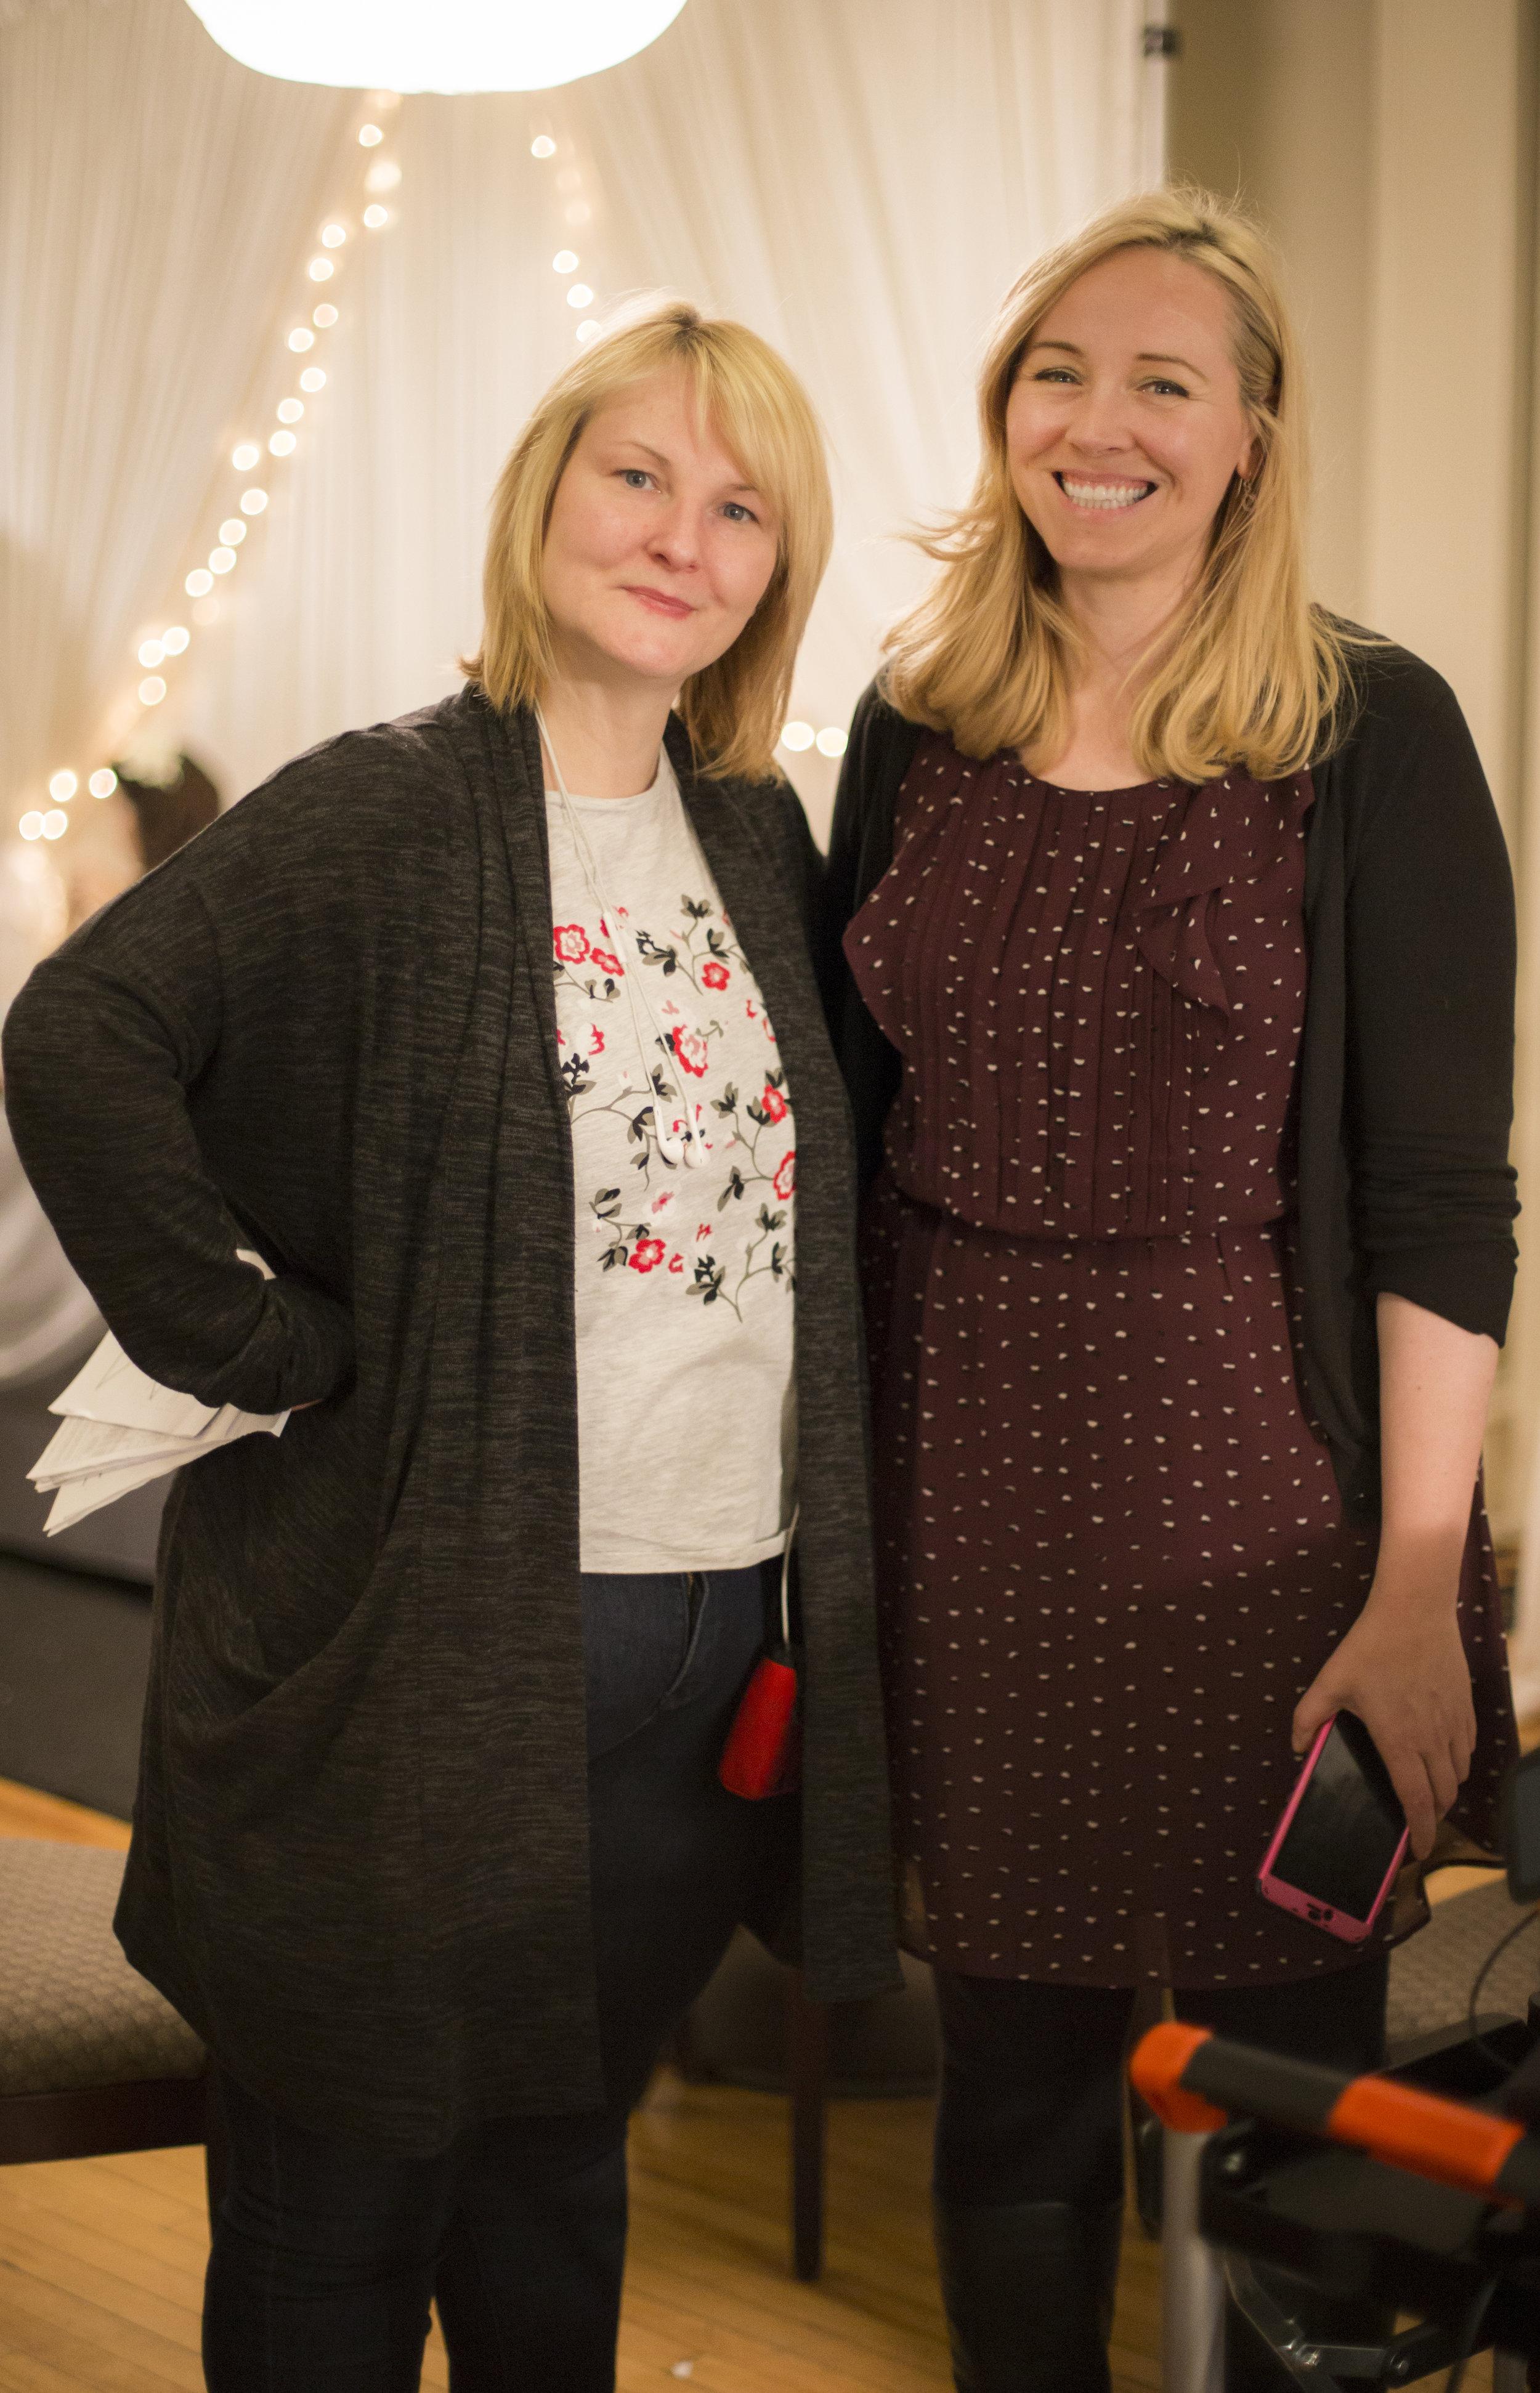 Deanne Foley and Latonia Hartery